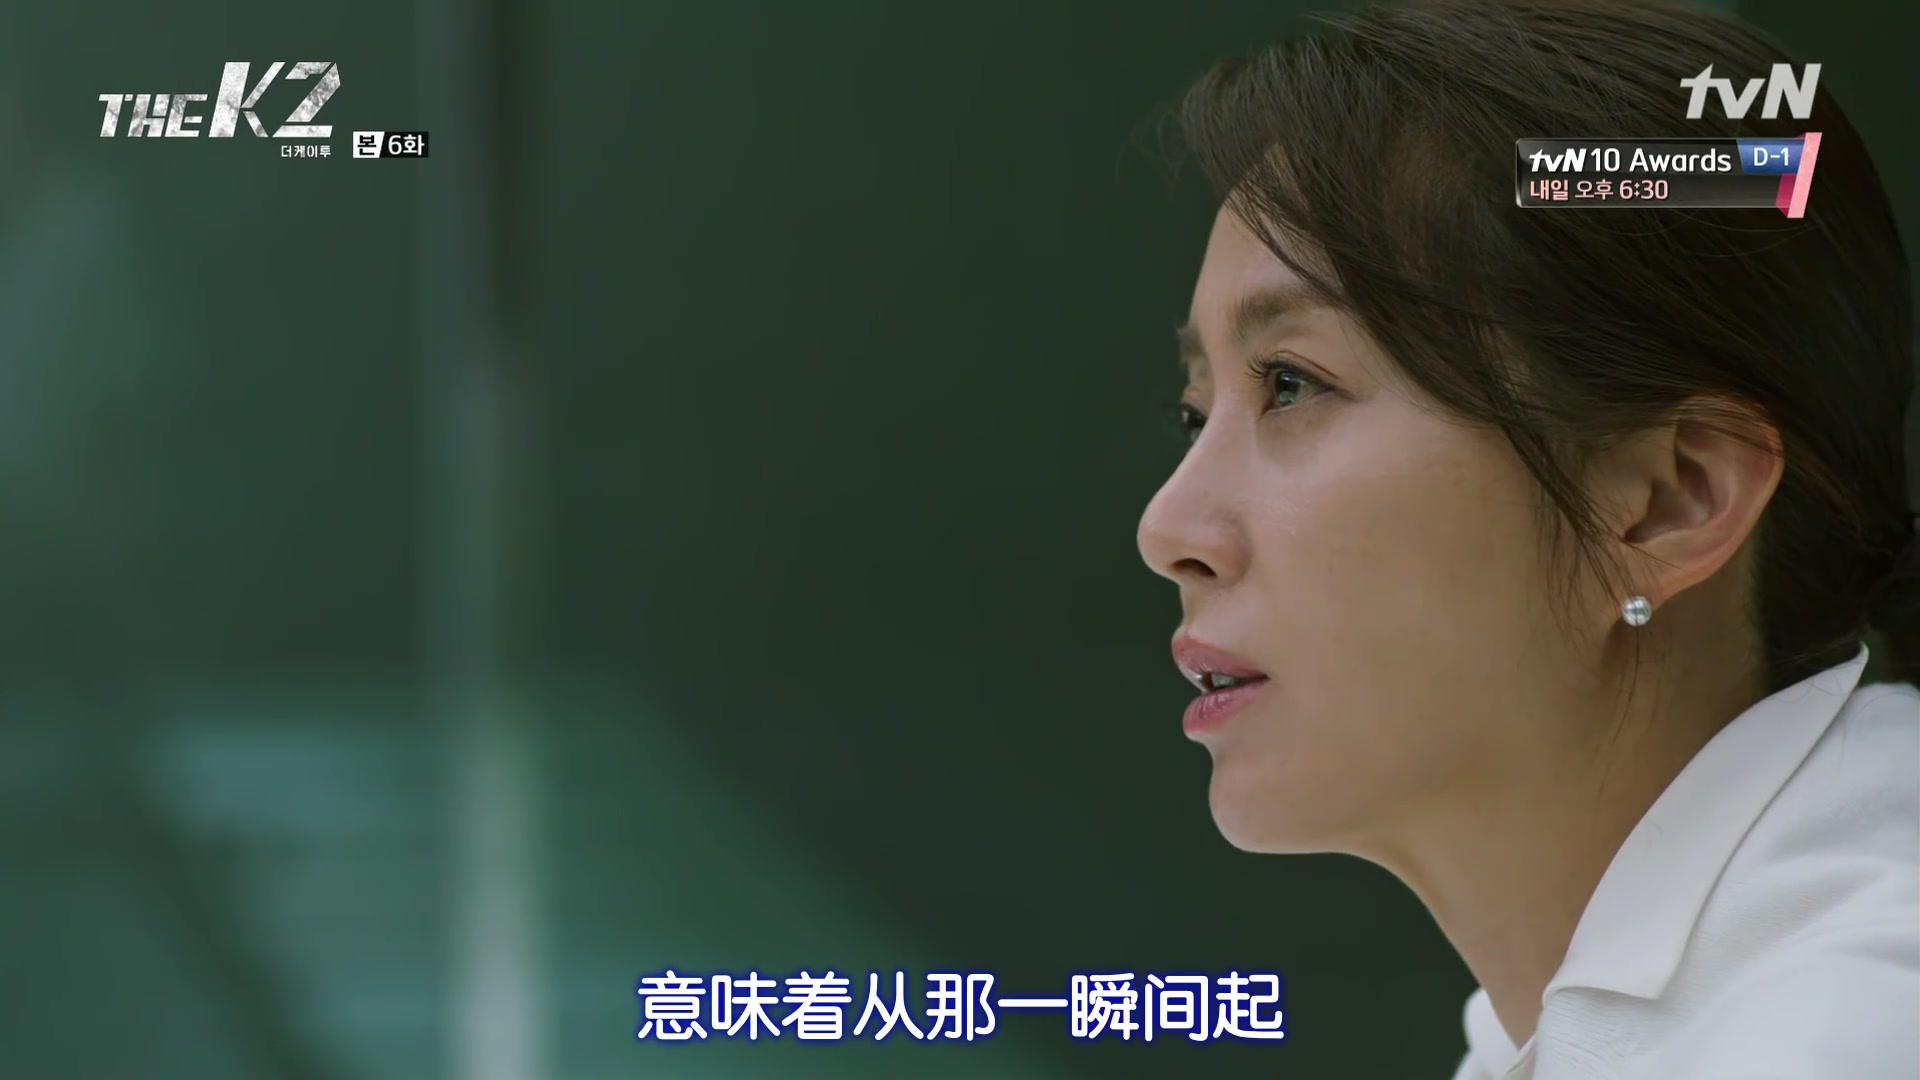 【the k2】——帅气保镖与高冷夫人(cut18)